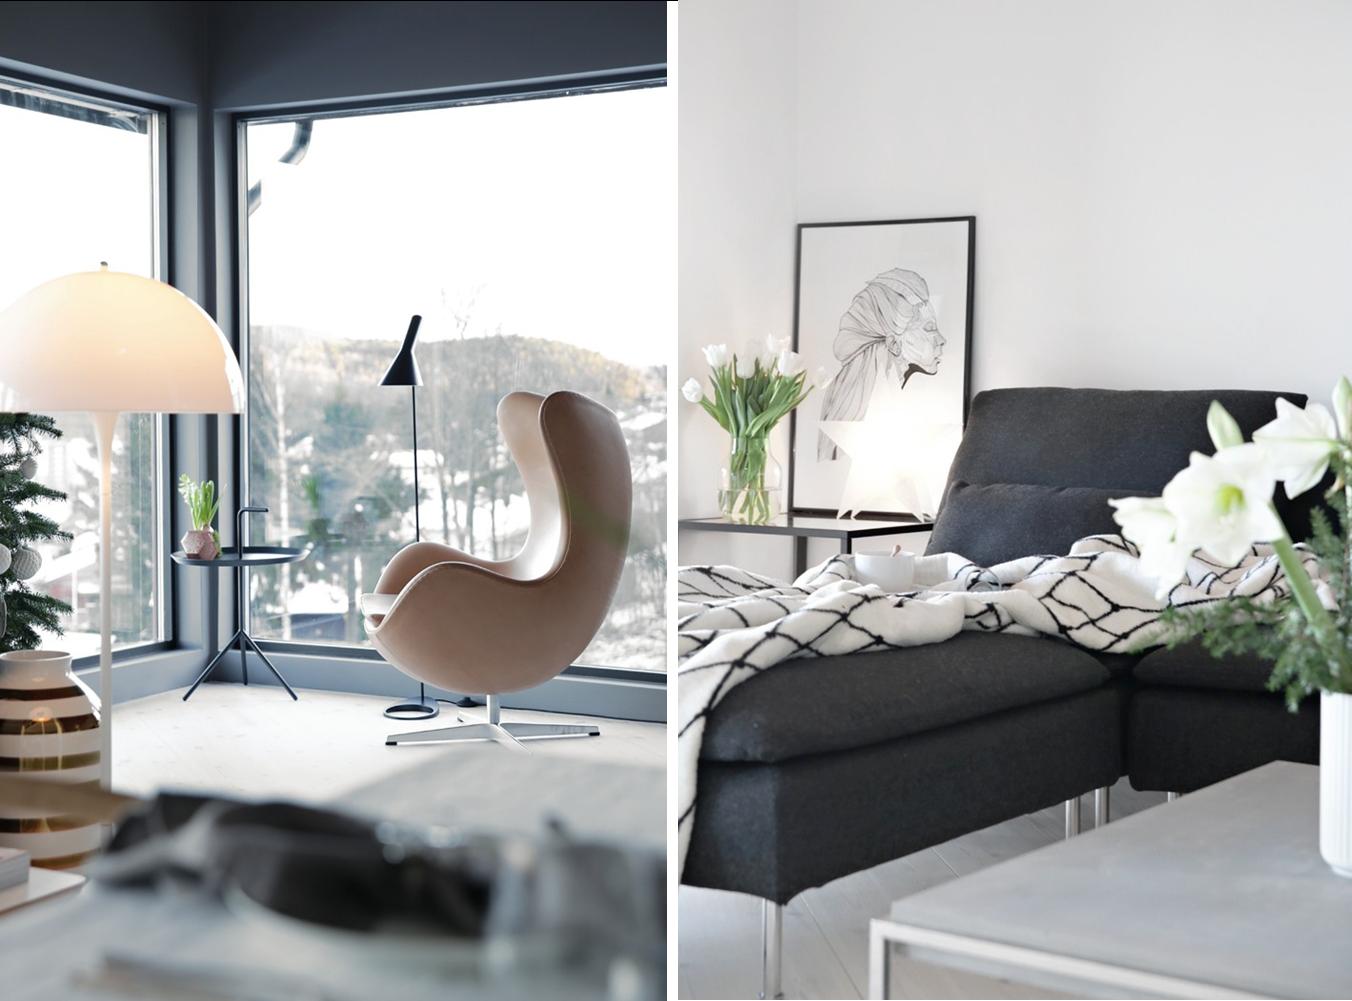 Casa al dia revista de decoracion decorar tu casa es - Casa al dia decoracion ...